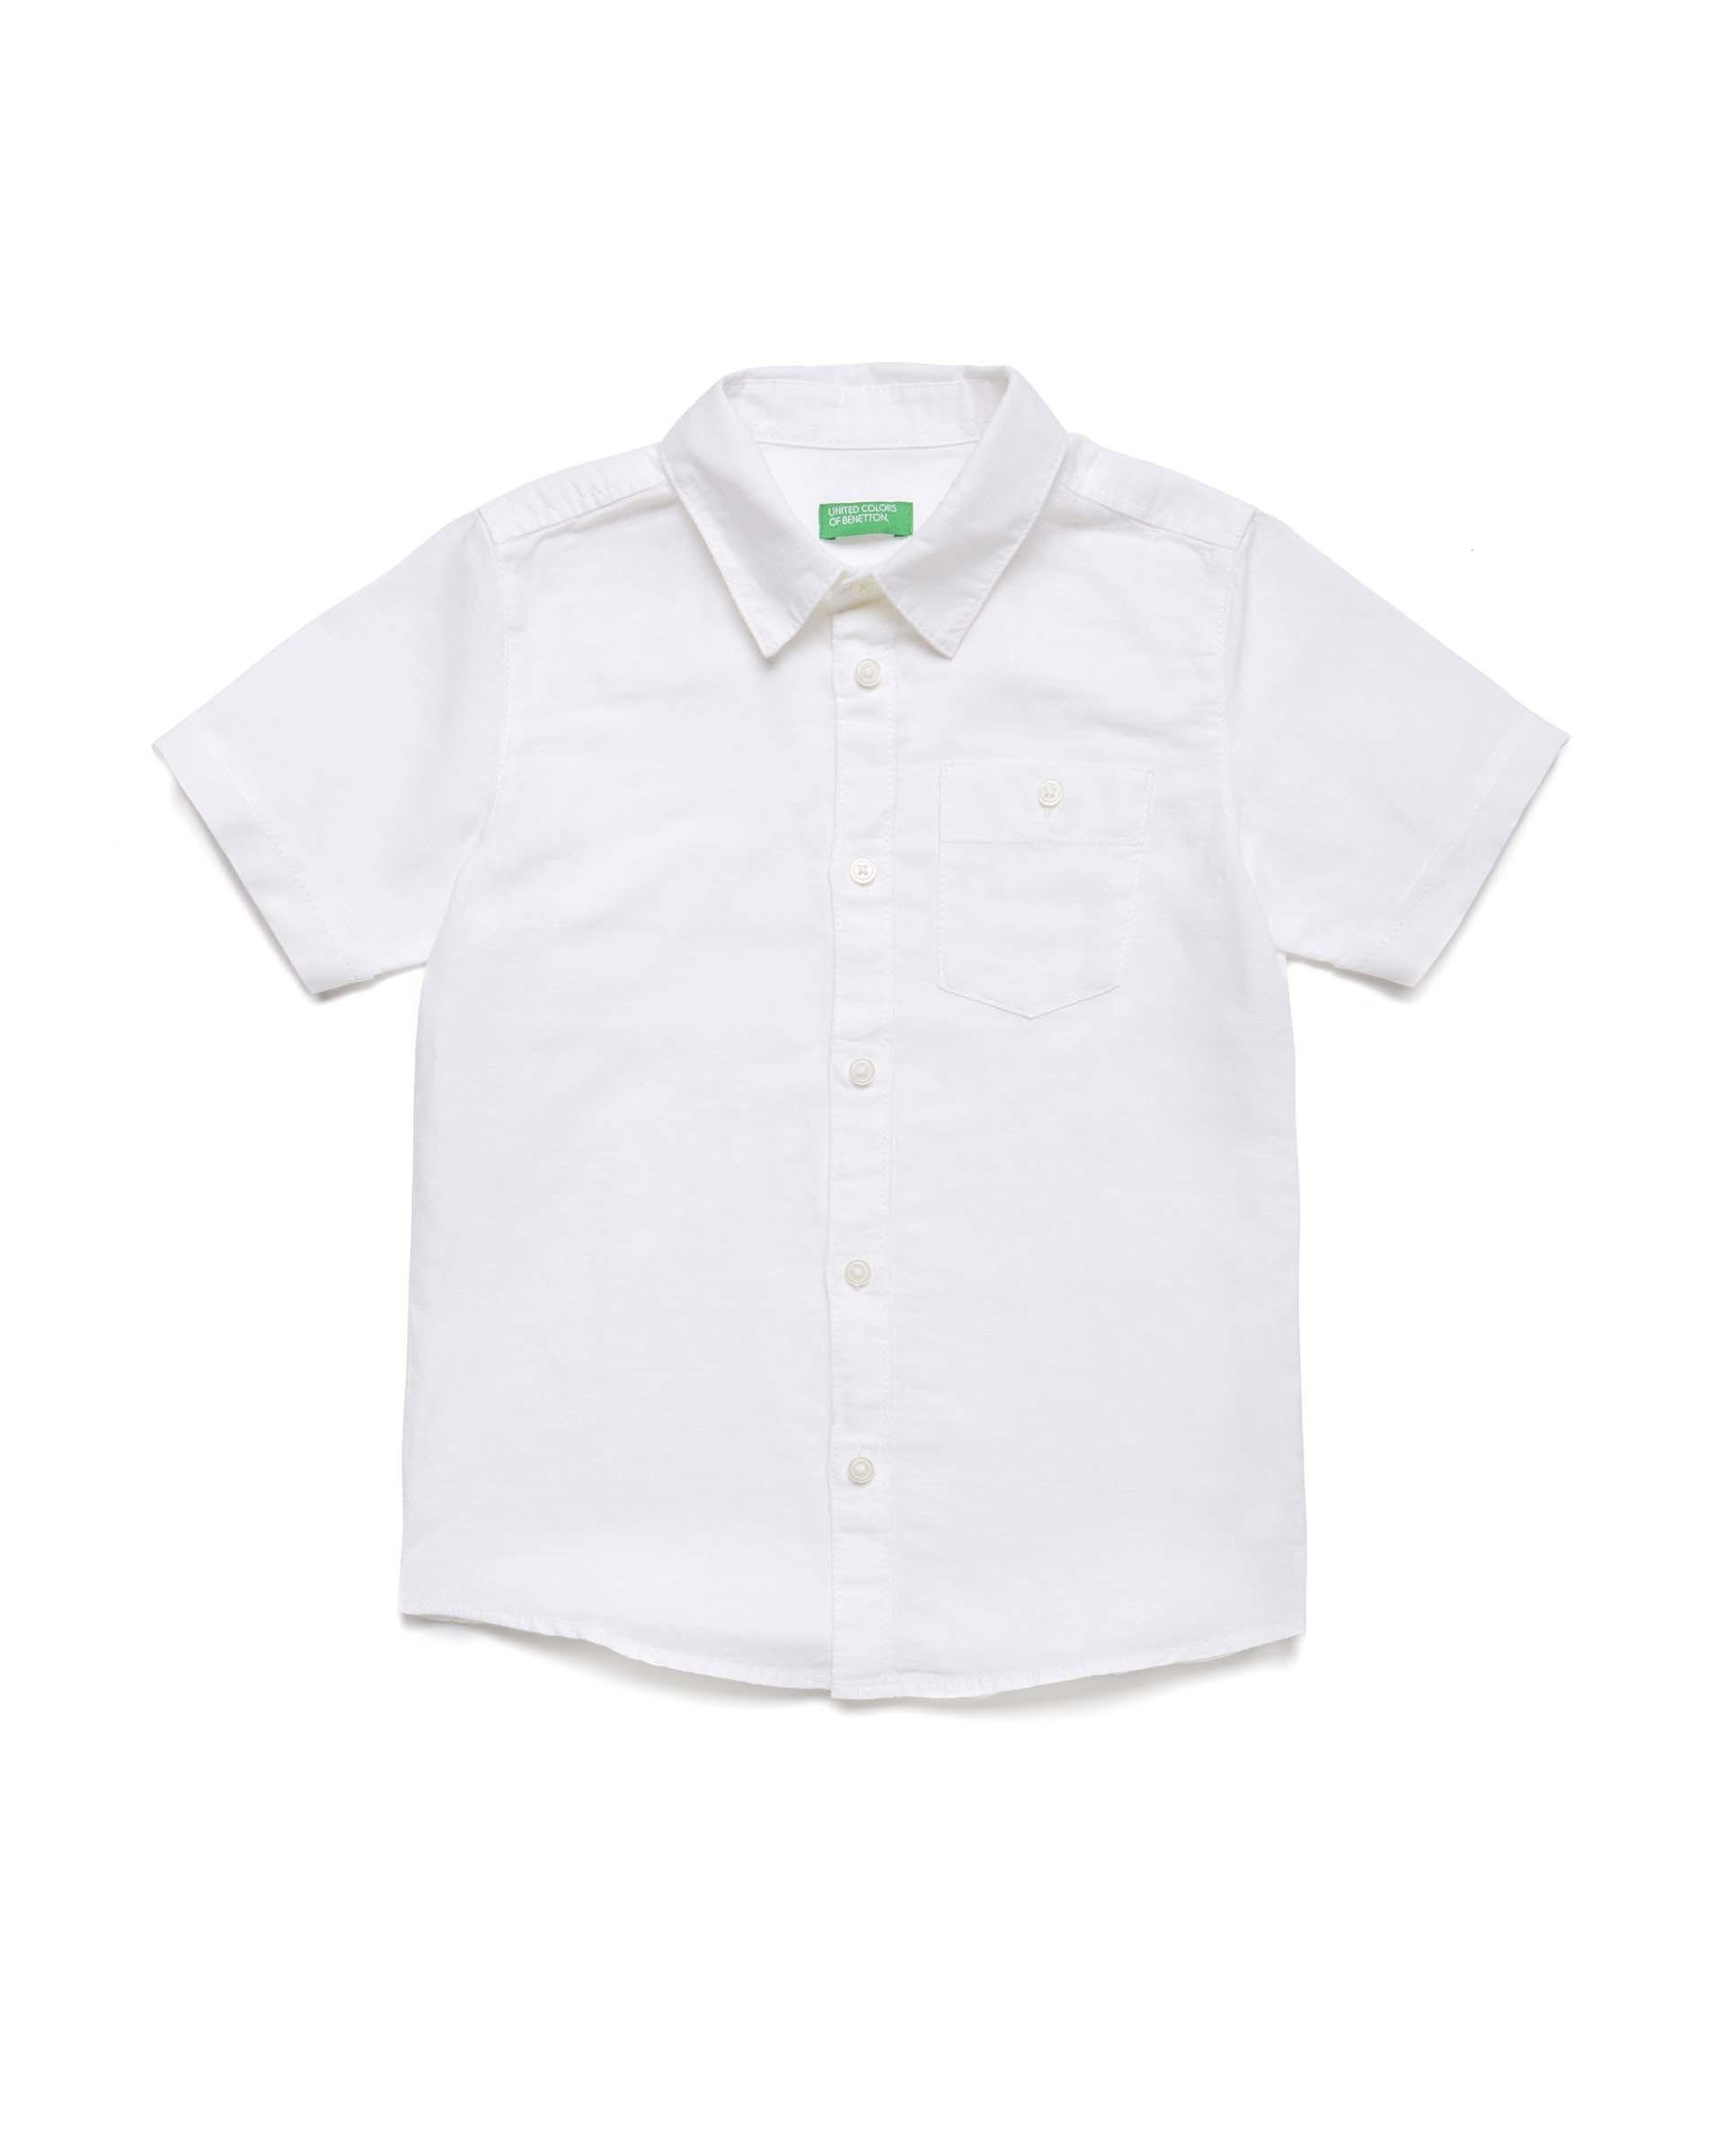 Купить 20P_5OK45QHB0_101, Рубашка для мальчиков Benetton 5OK45QHB0_101 р-р 92, United Colors of Benetton, Кофточки, футболки для новорожденных